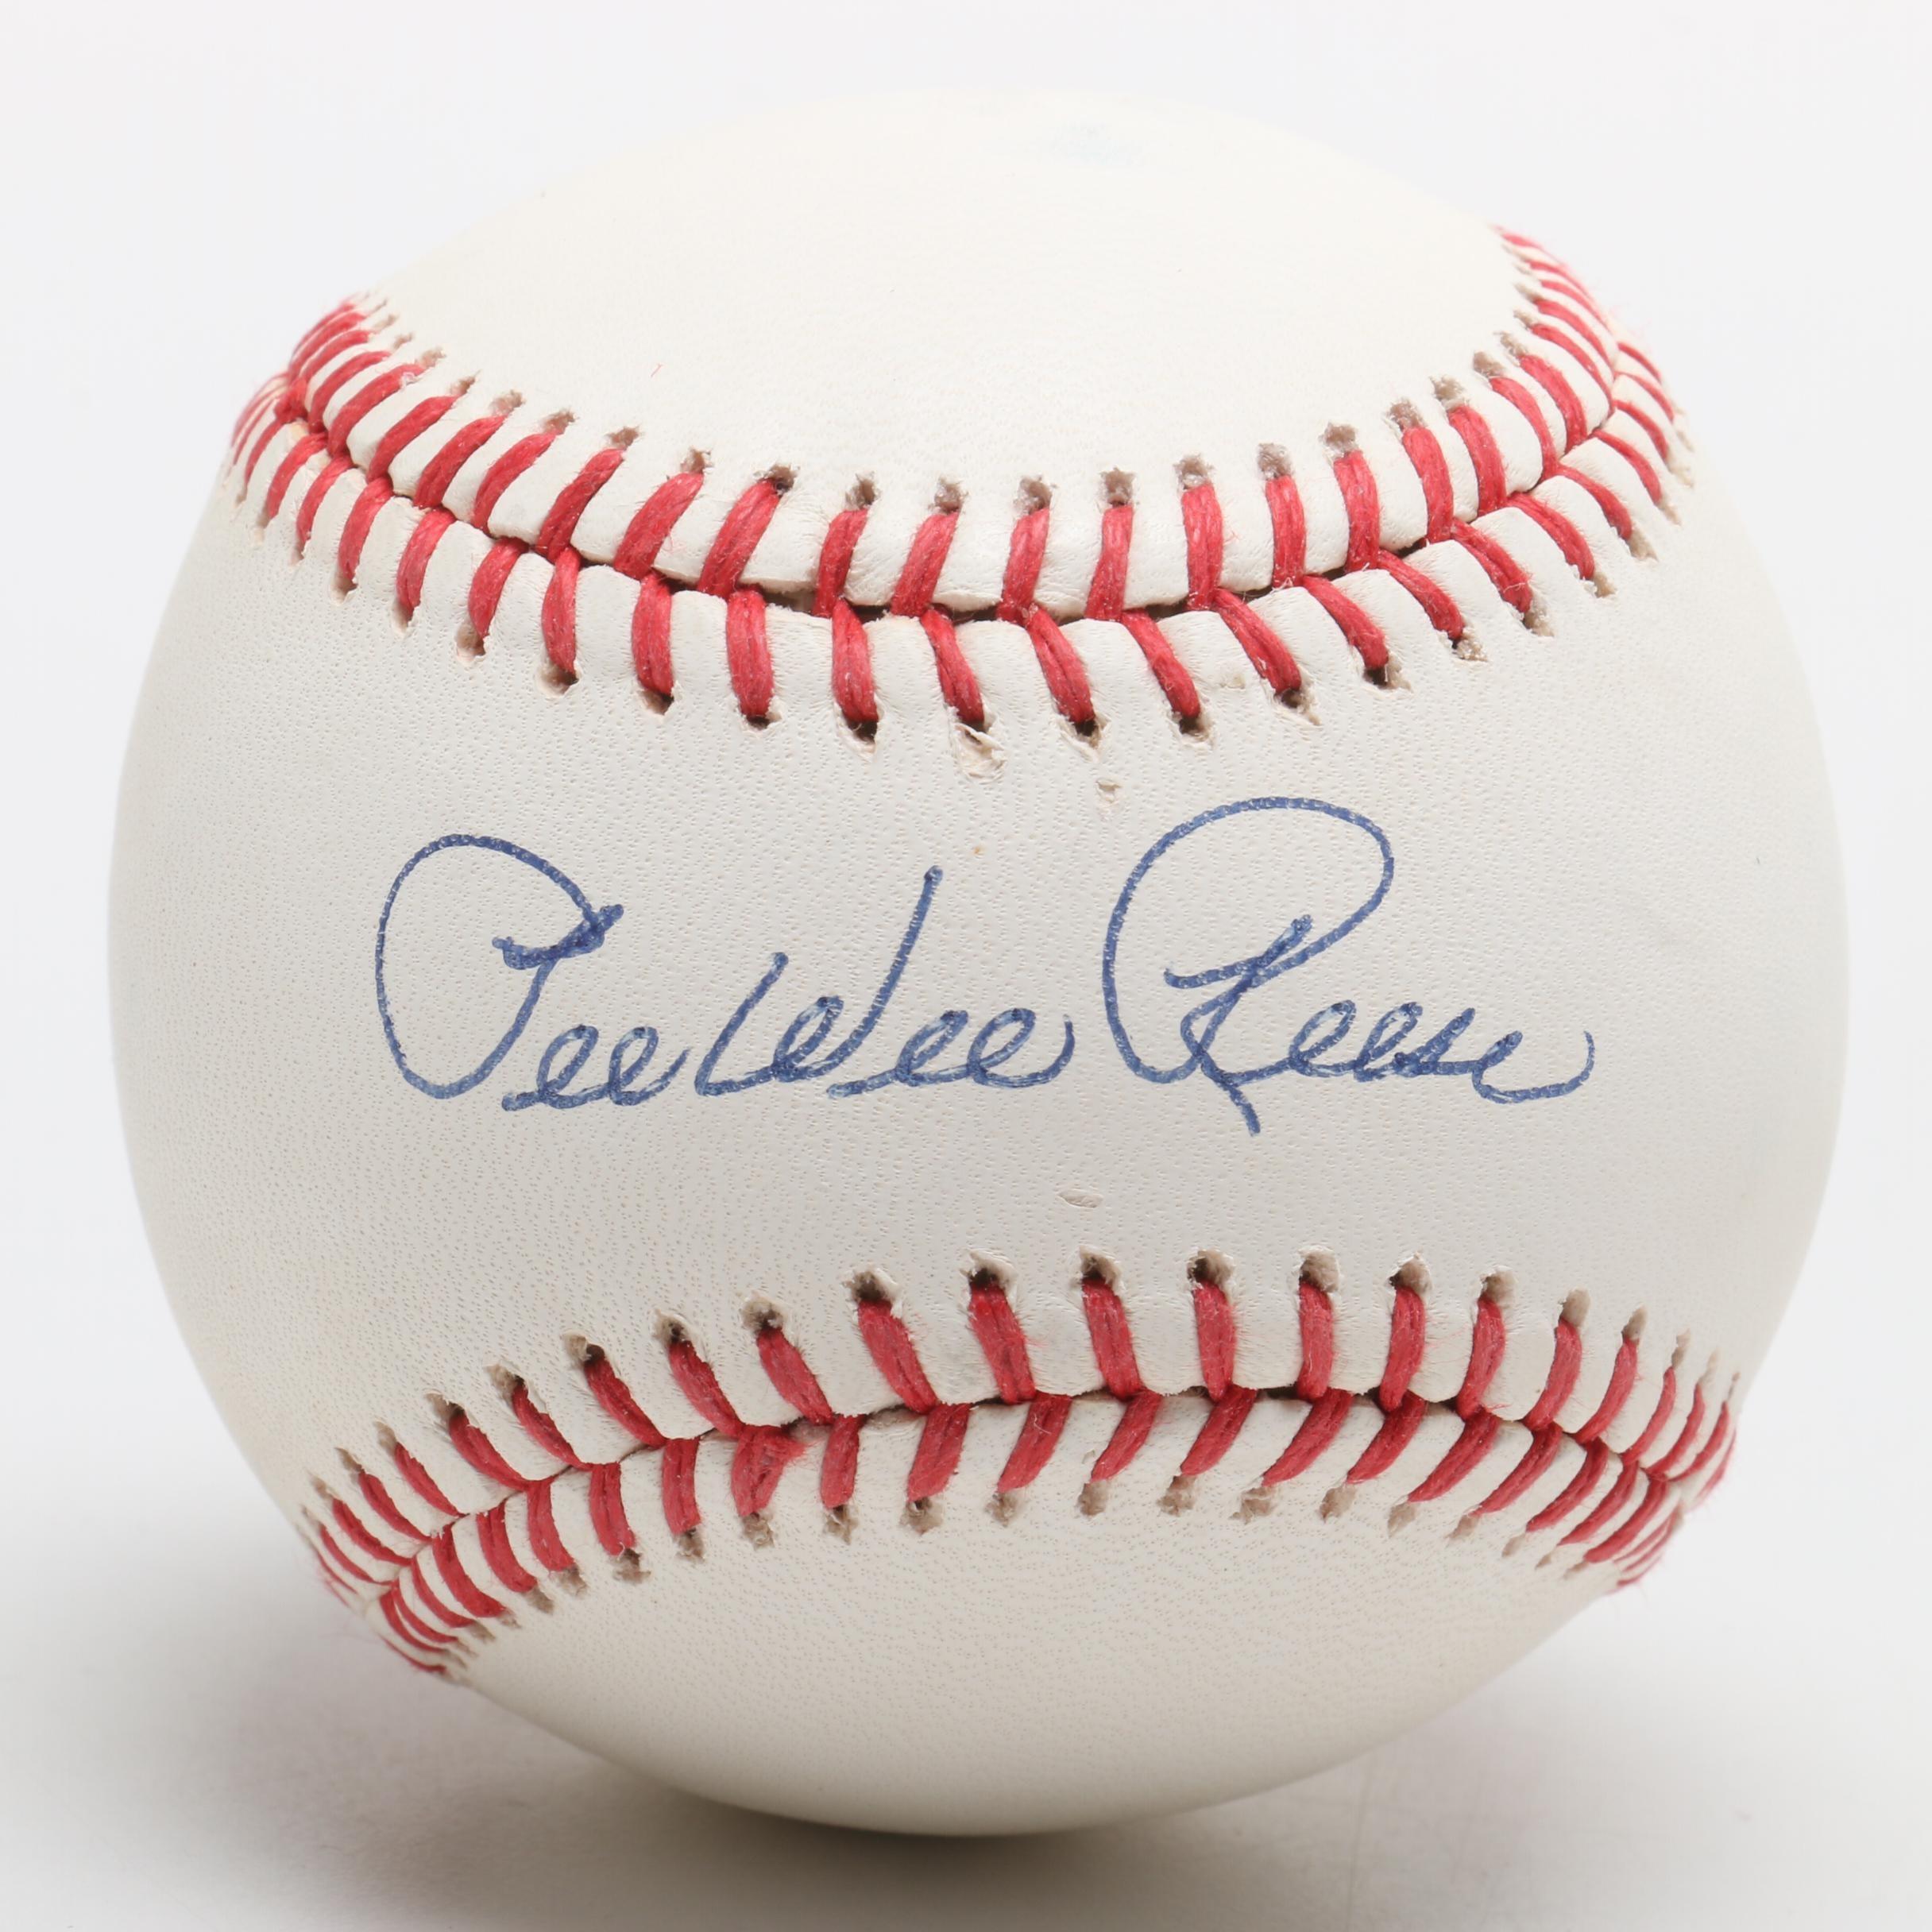 (HOF) Pee Wee Reese Signed Rawlings National League Baseball COA